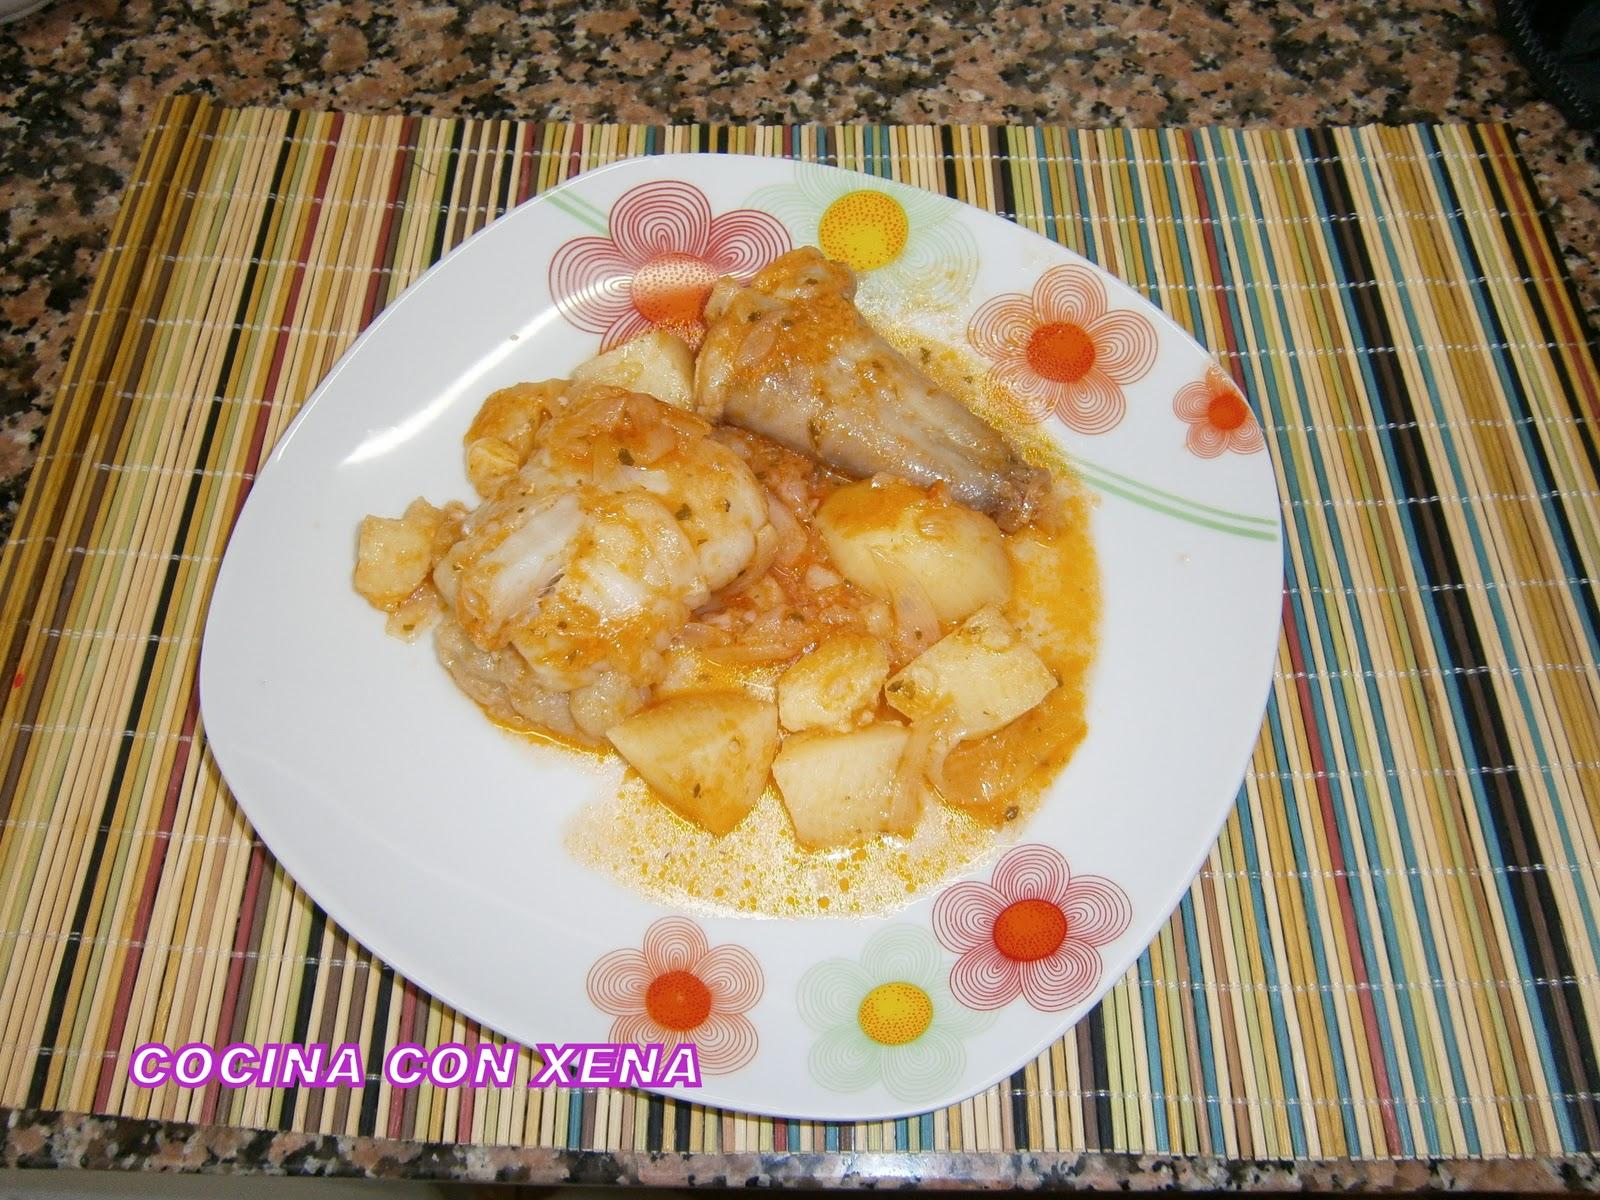 Cocina con xena guiso de rape con patatas en gm d for Cocina con xena olla gm d